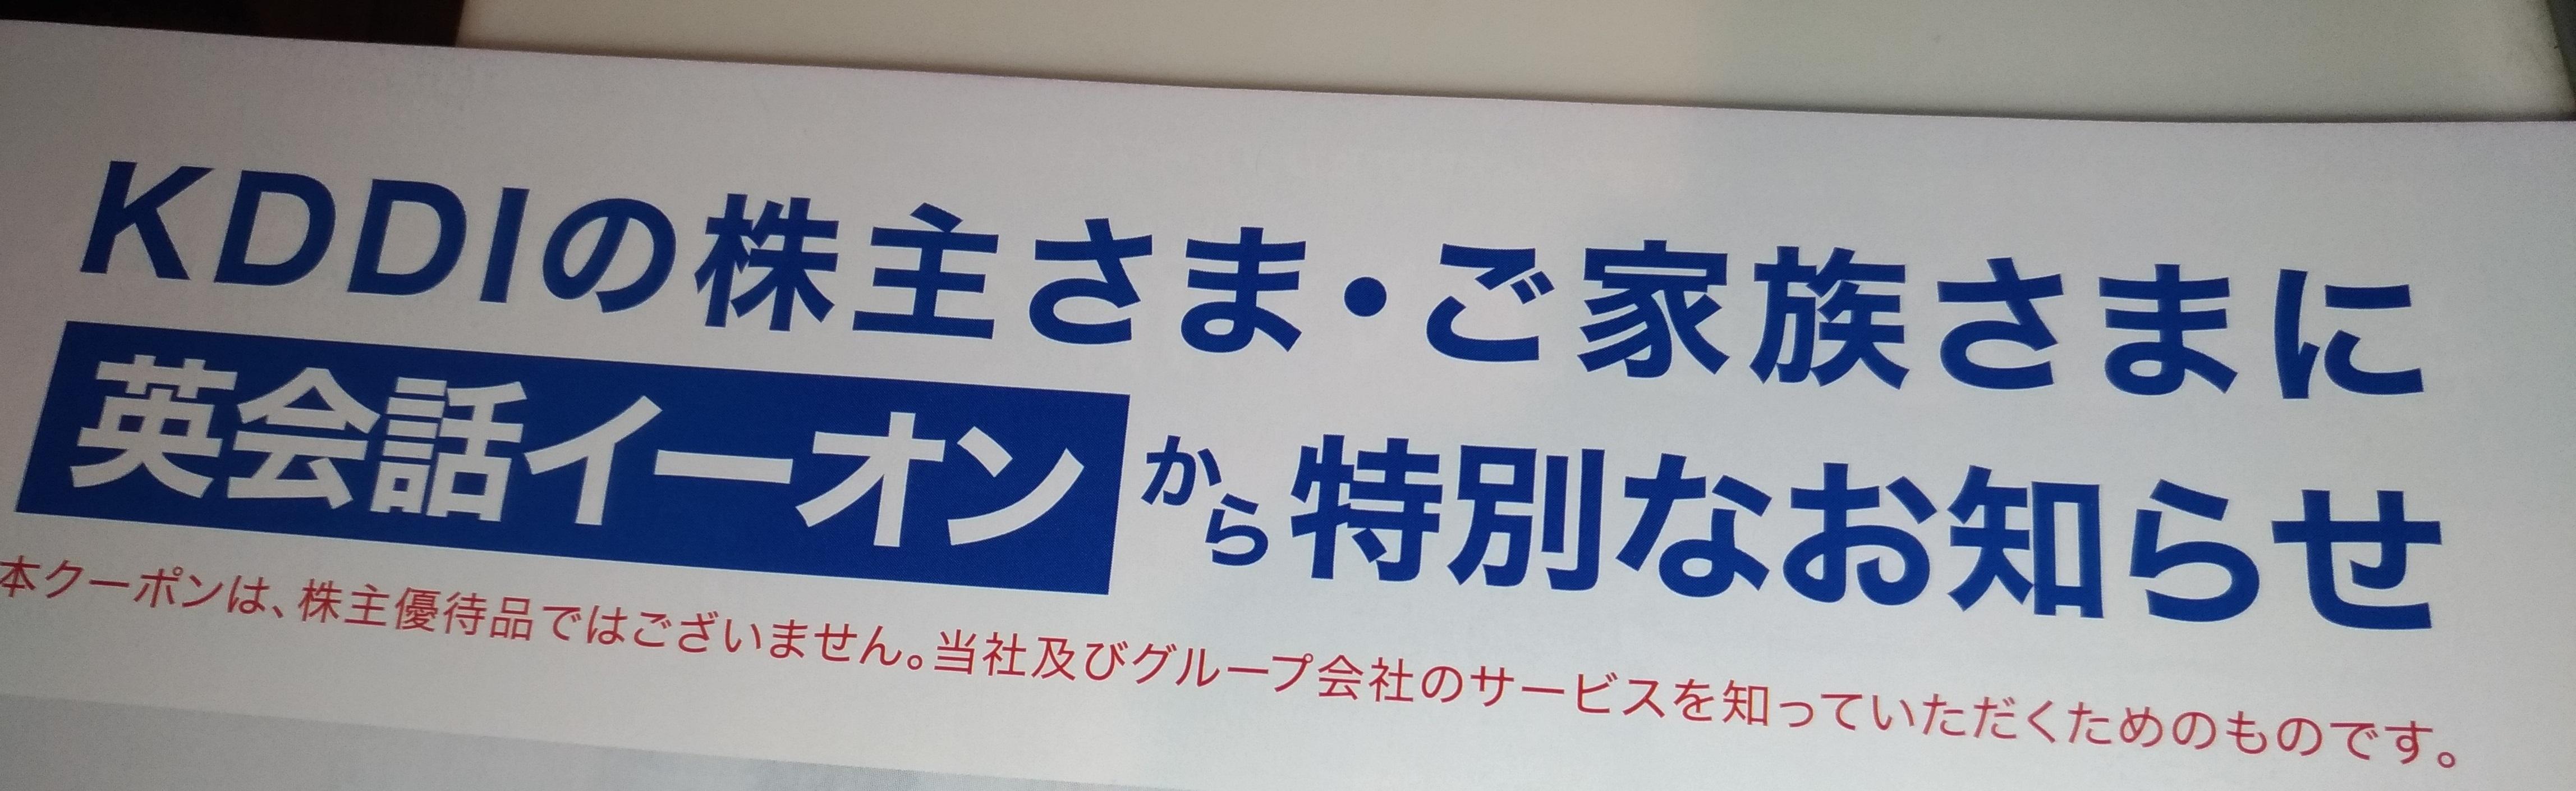 kabu_kddi_au_haito_blogs1203_5.jpg